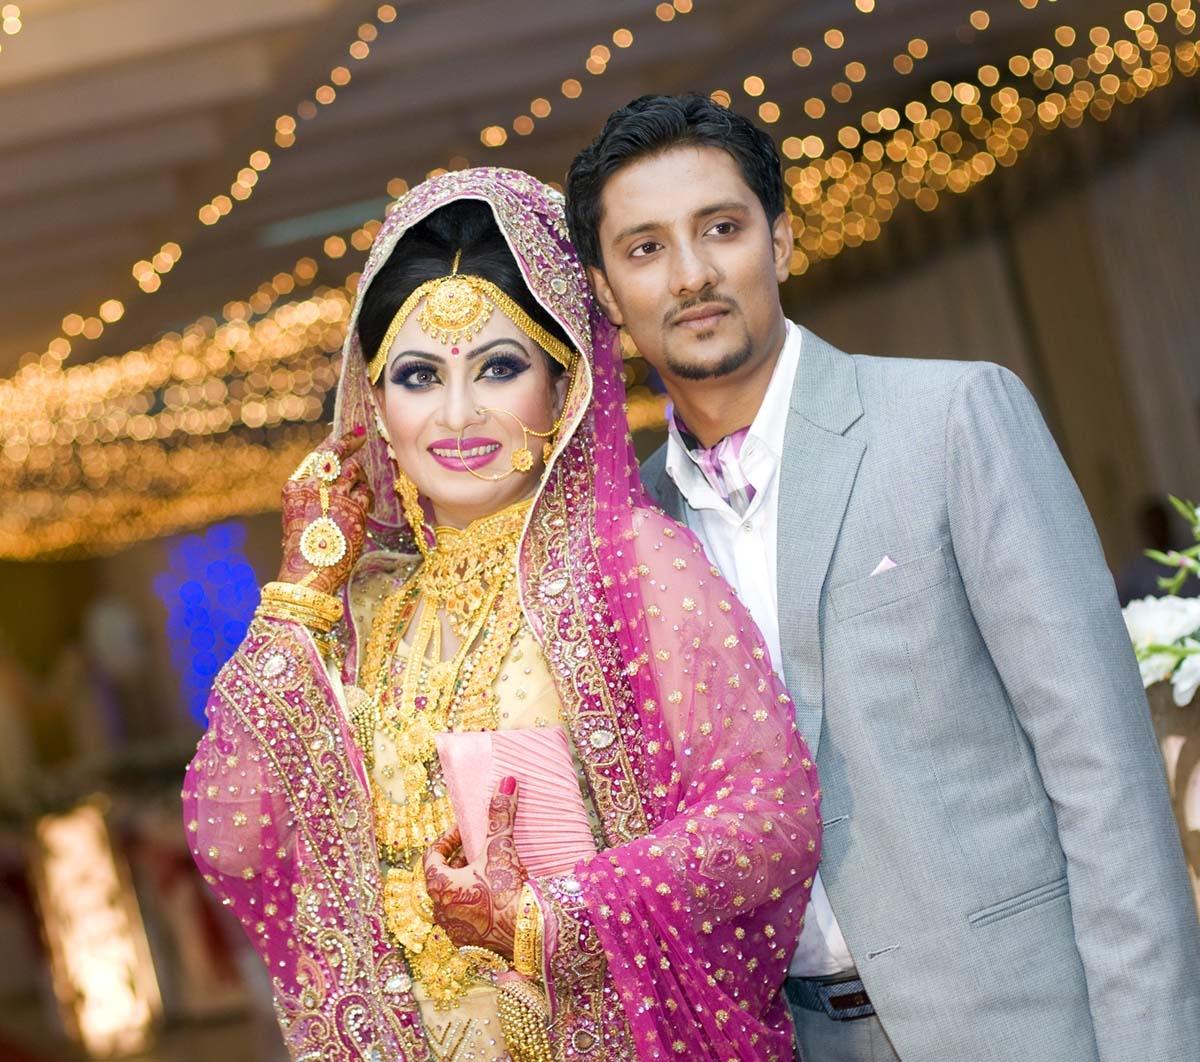 Clear cache cookies - Computer - Google Account Help Bipasha hayat wedding pictures